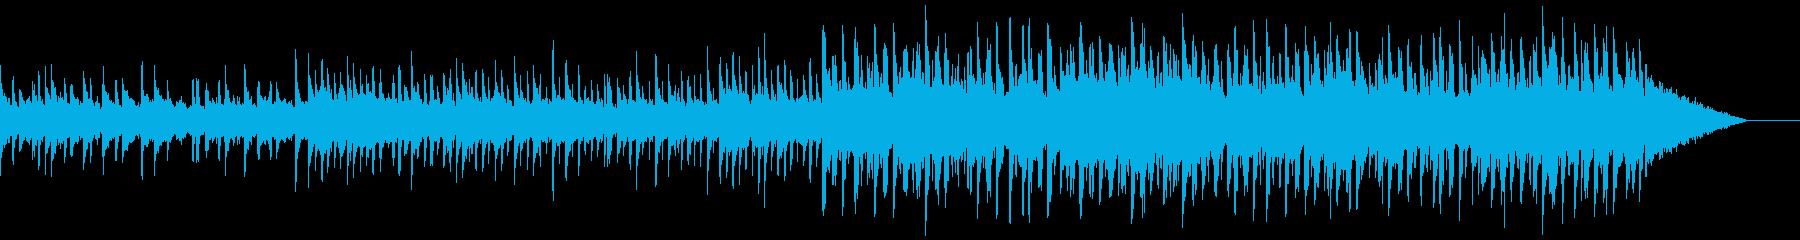 「ほのぼのさんぽBGM」の再生済みの波形